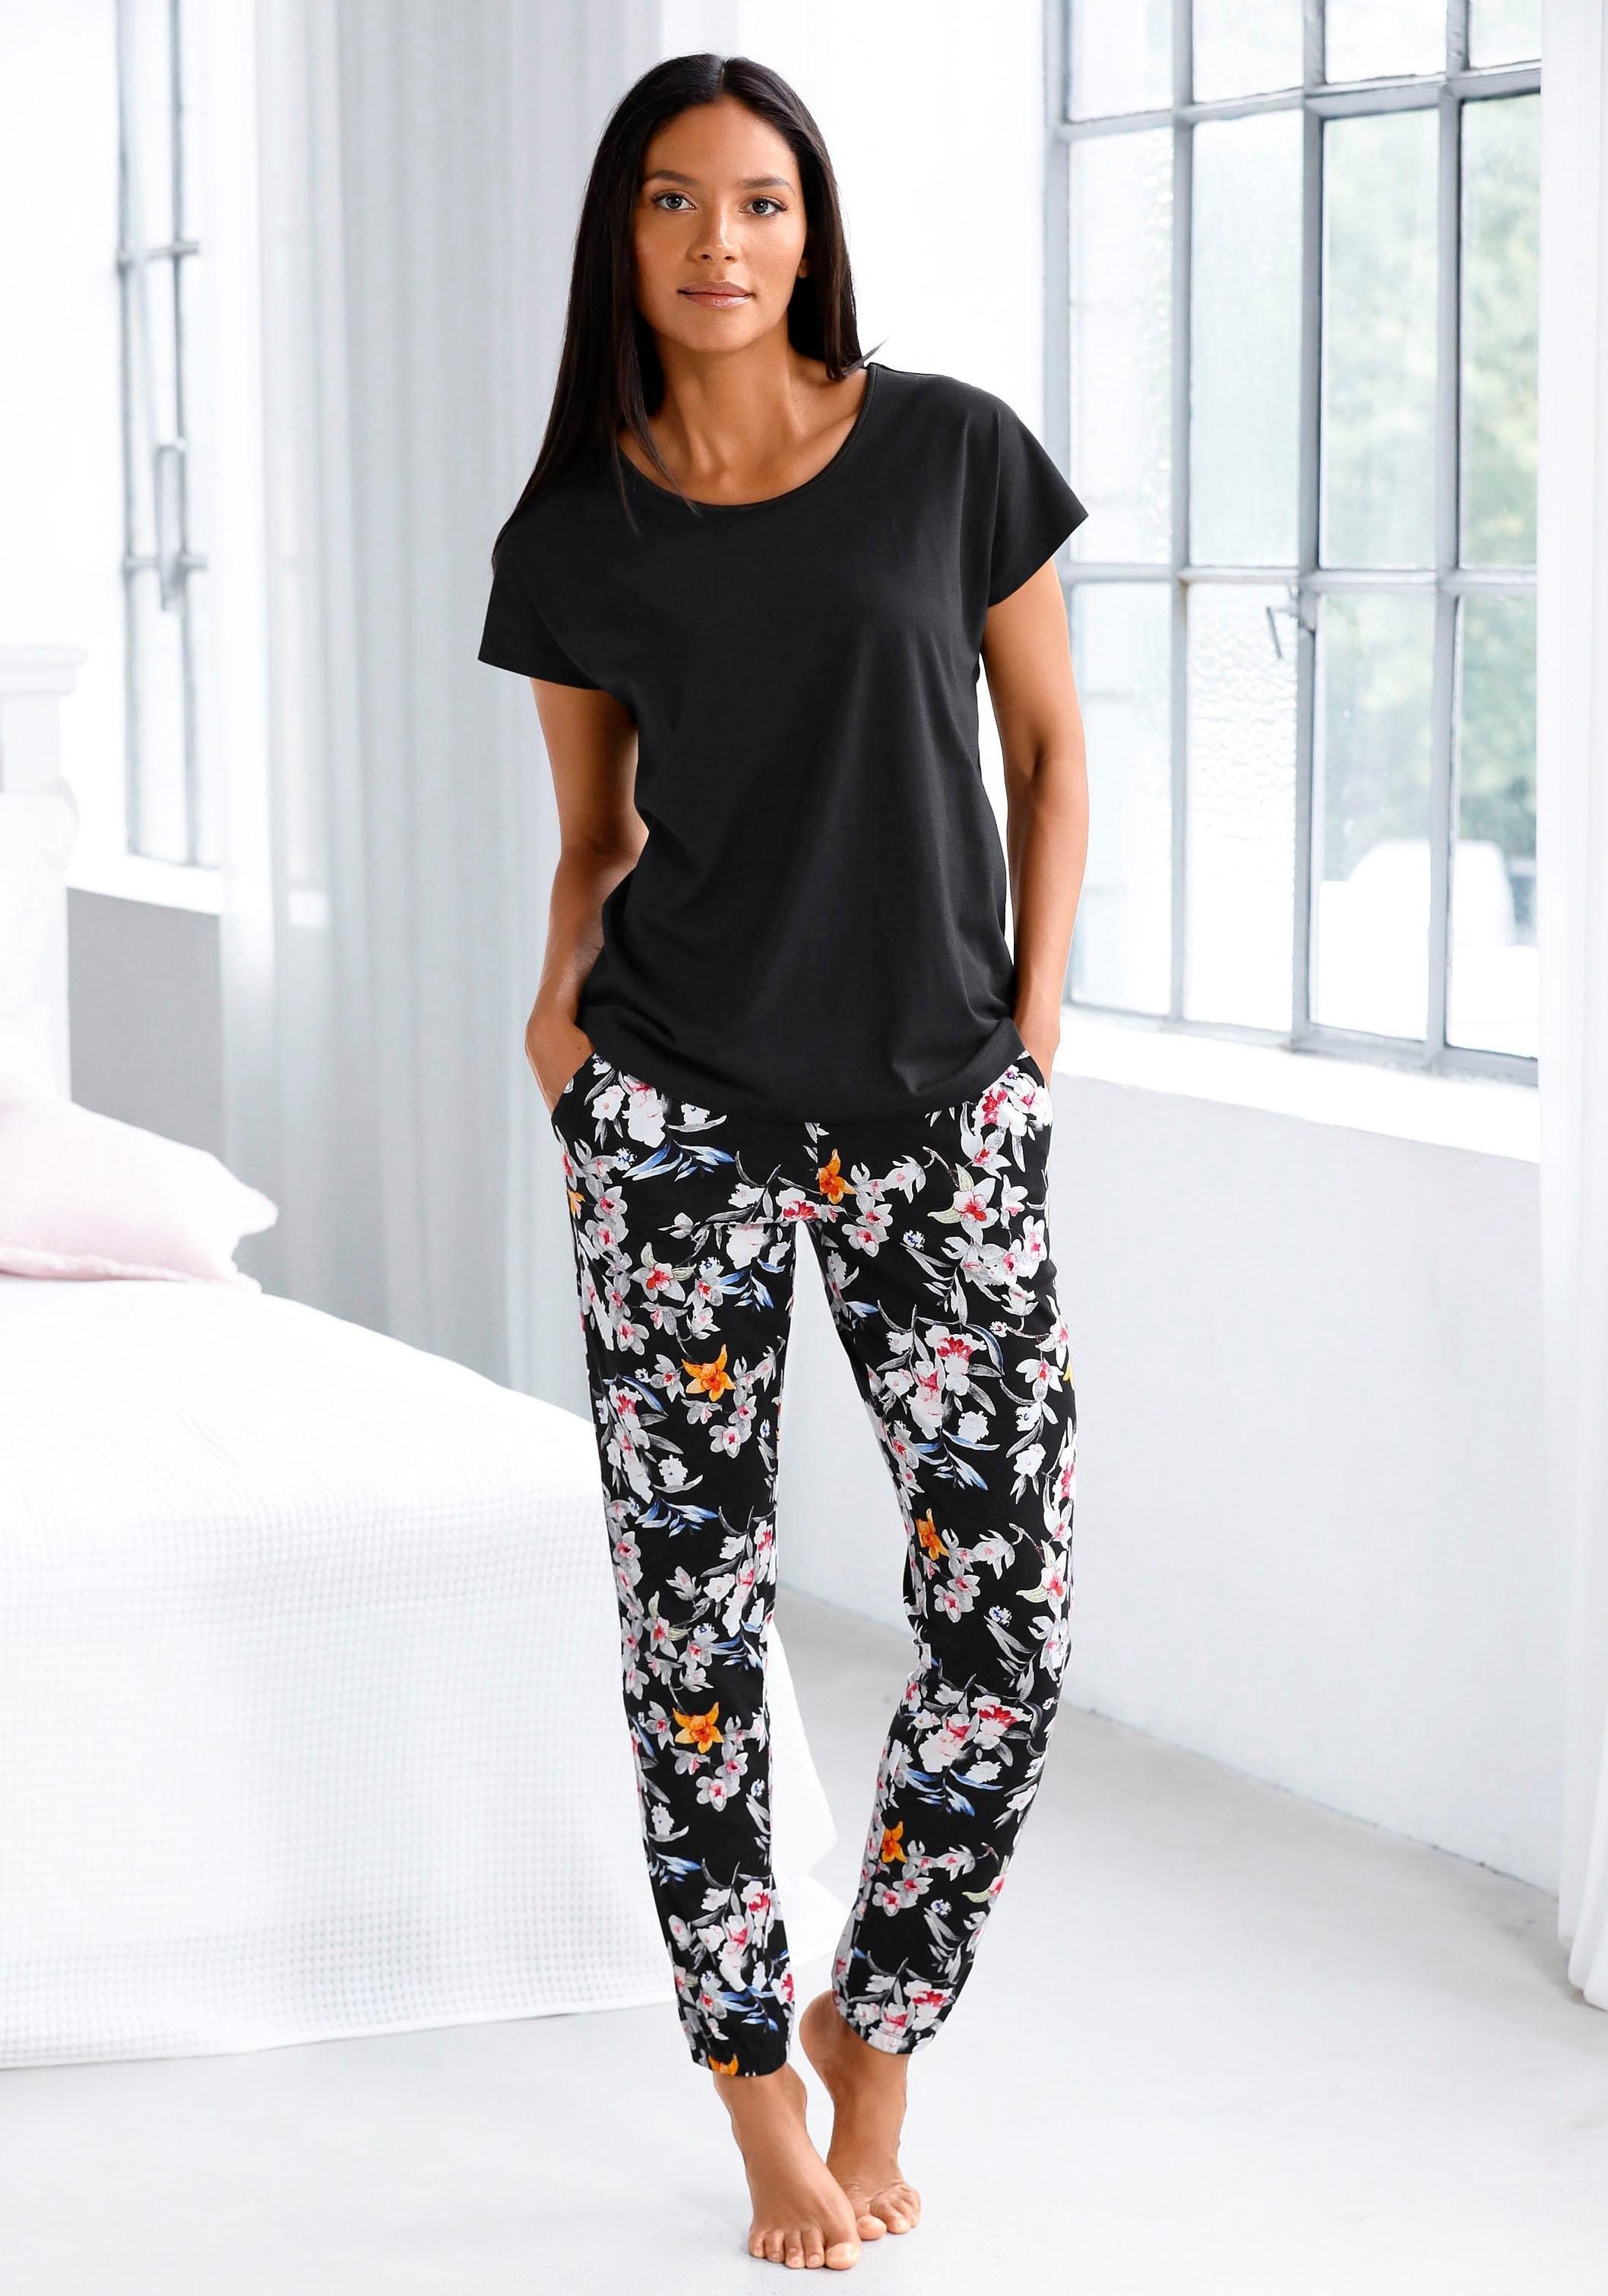 Op zoek naar een s.Oliver Bodywear s.Oliver RED LABEL Bodywear pyjama? Koop online bij Lascana